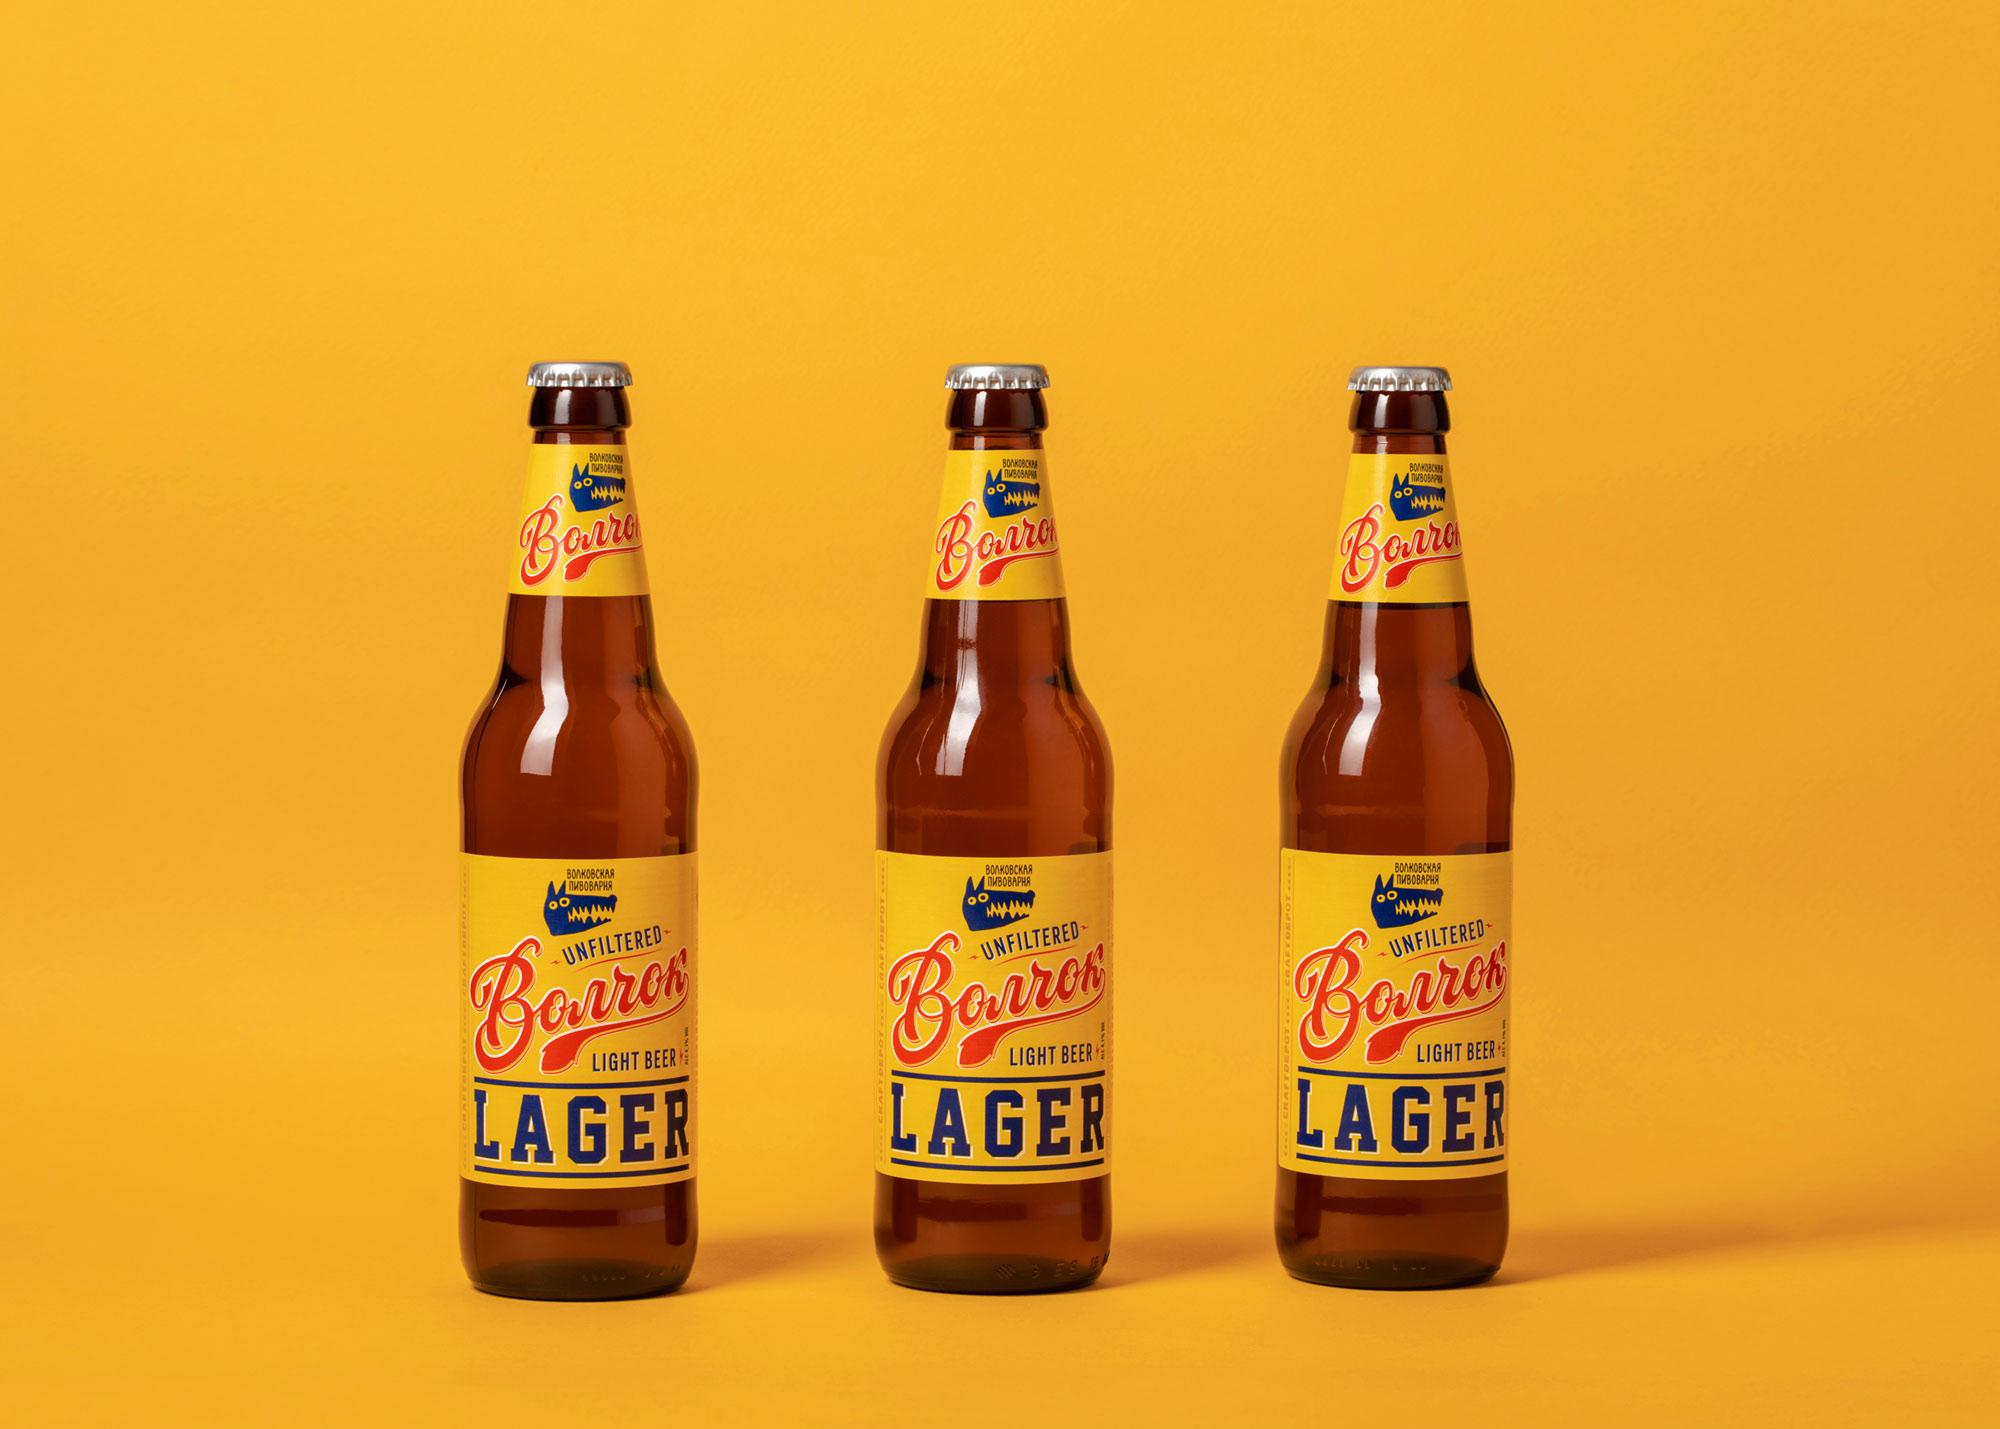 Mass Market Beer Label Design by Unblvbl